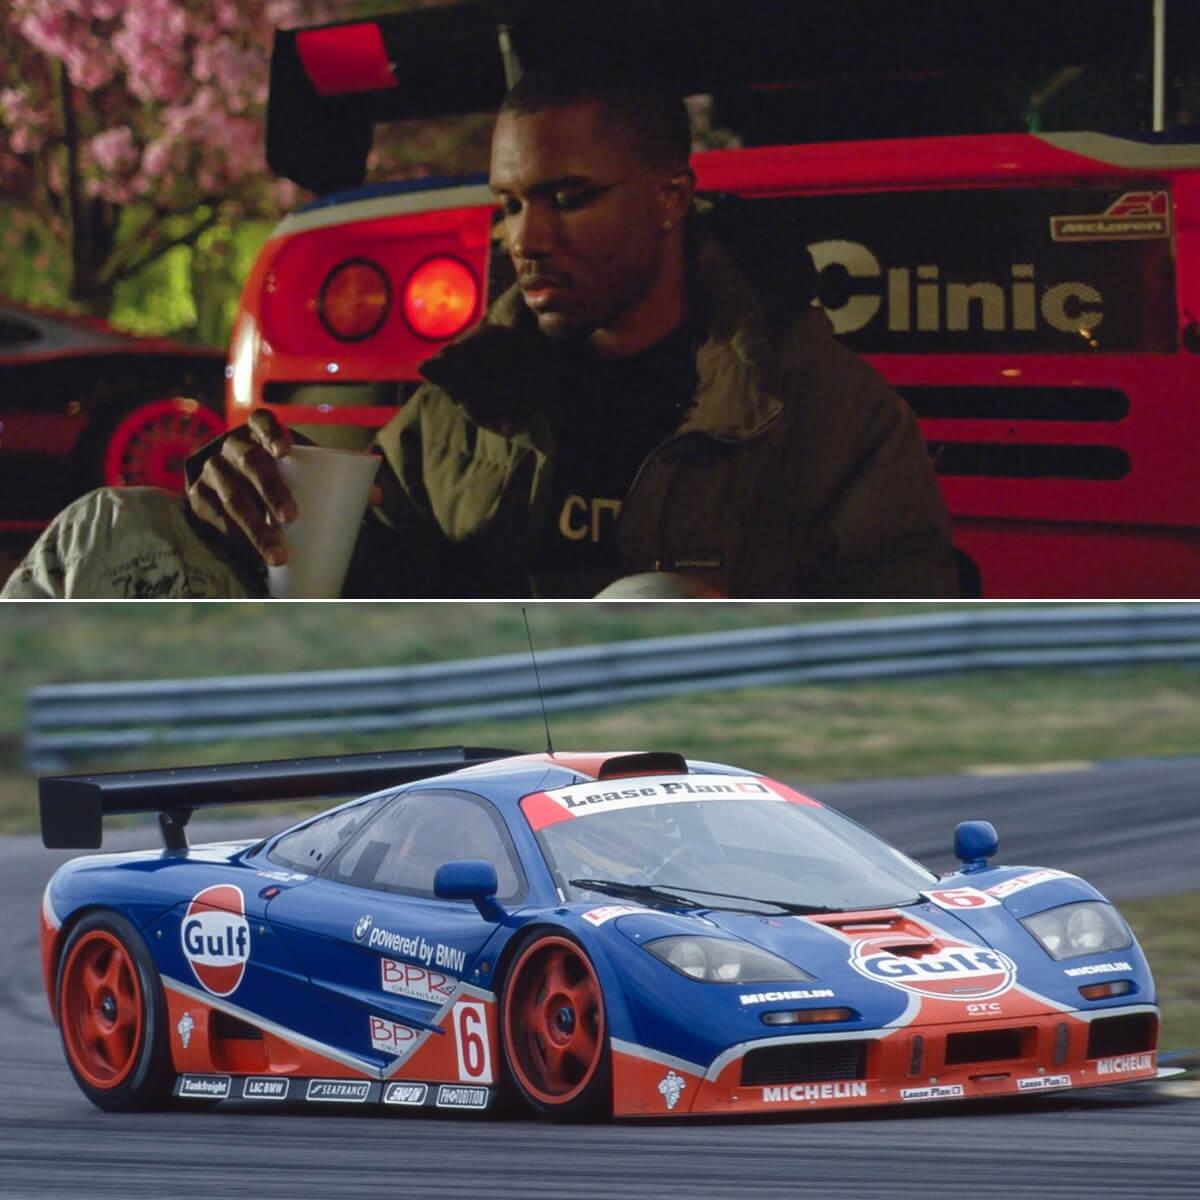 McLaren F1 GTR (Ueno Clinic Gulf Livery)